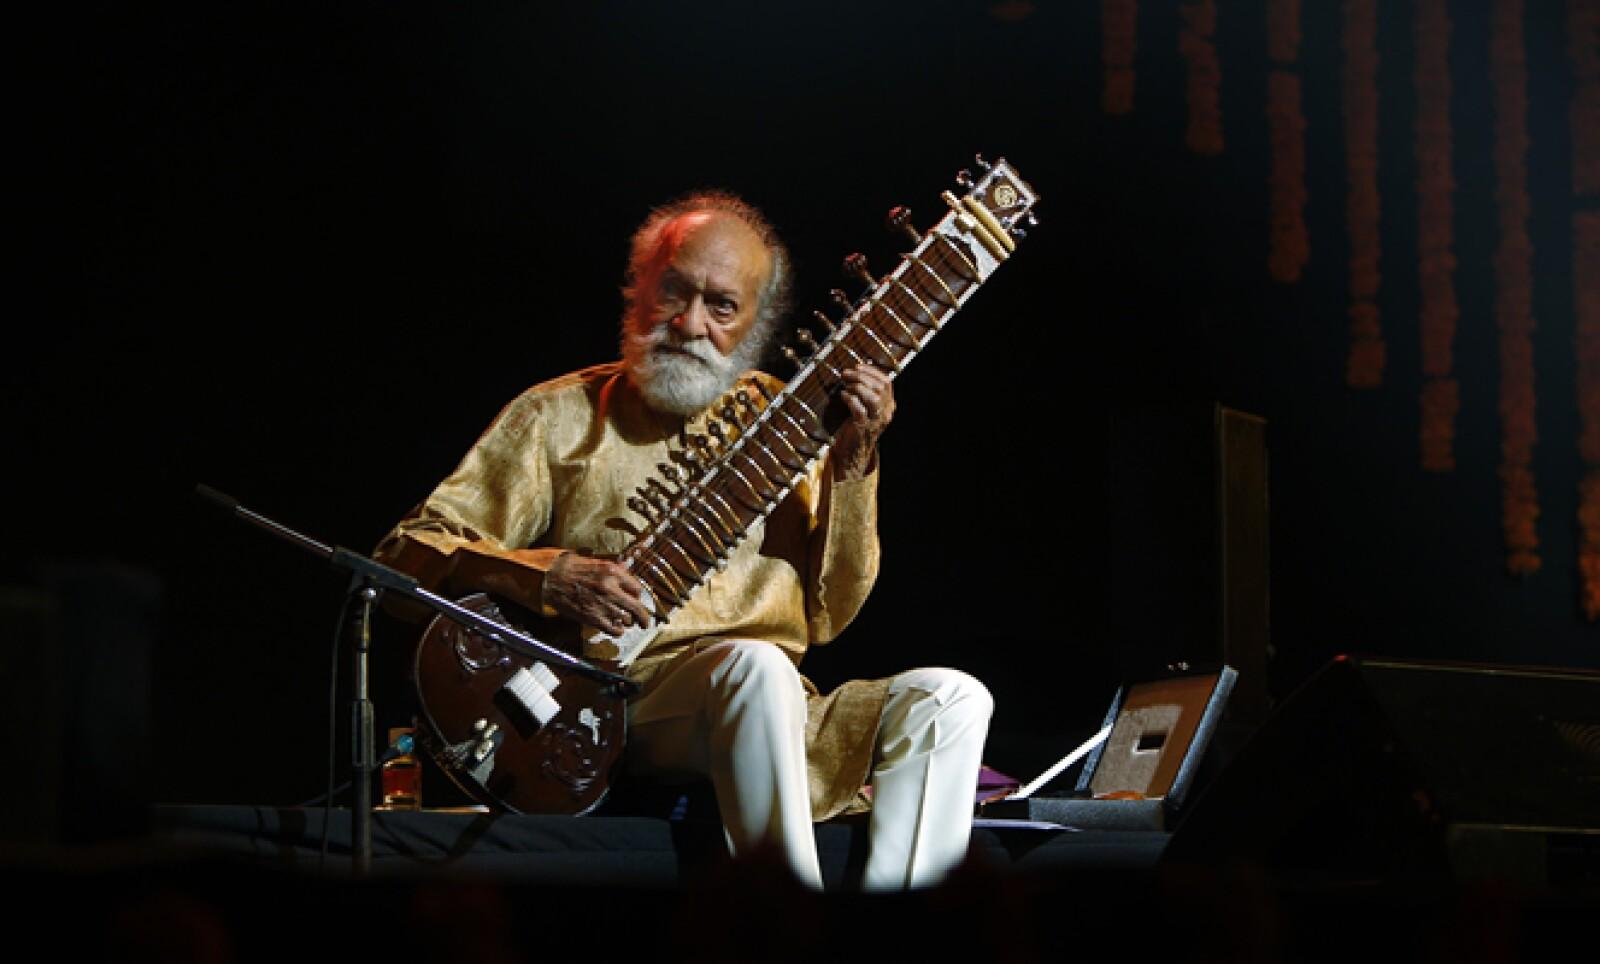 El pasado 11 de diciembre perdió la vida el músico Ravi Shankar, virtuoso de la sitar que tocó al lado de los Beatles.